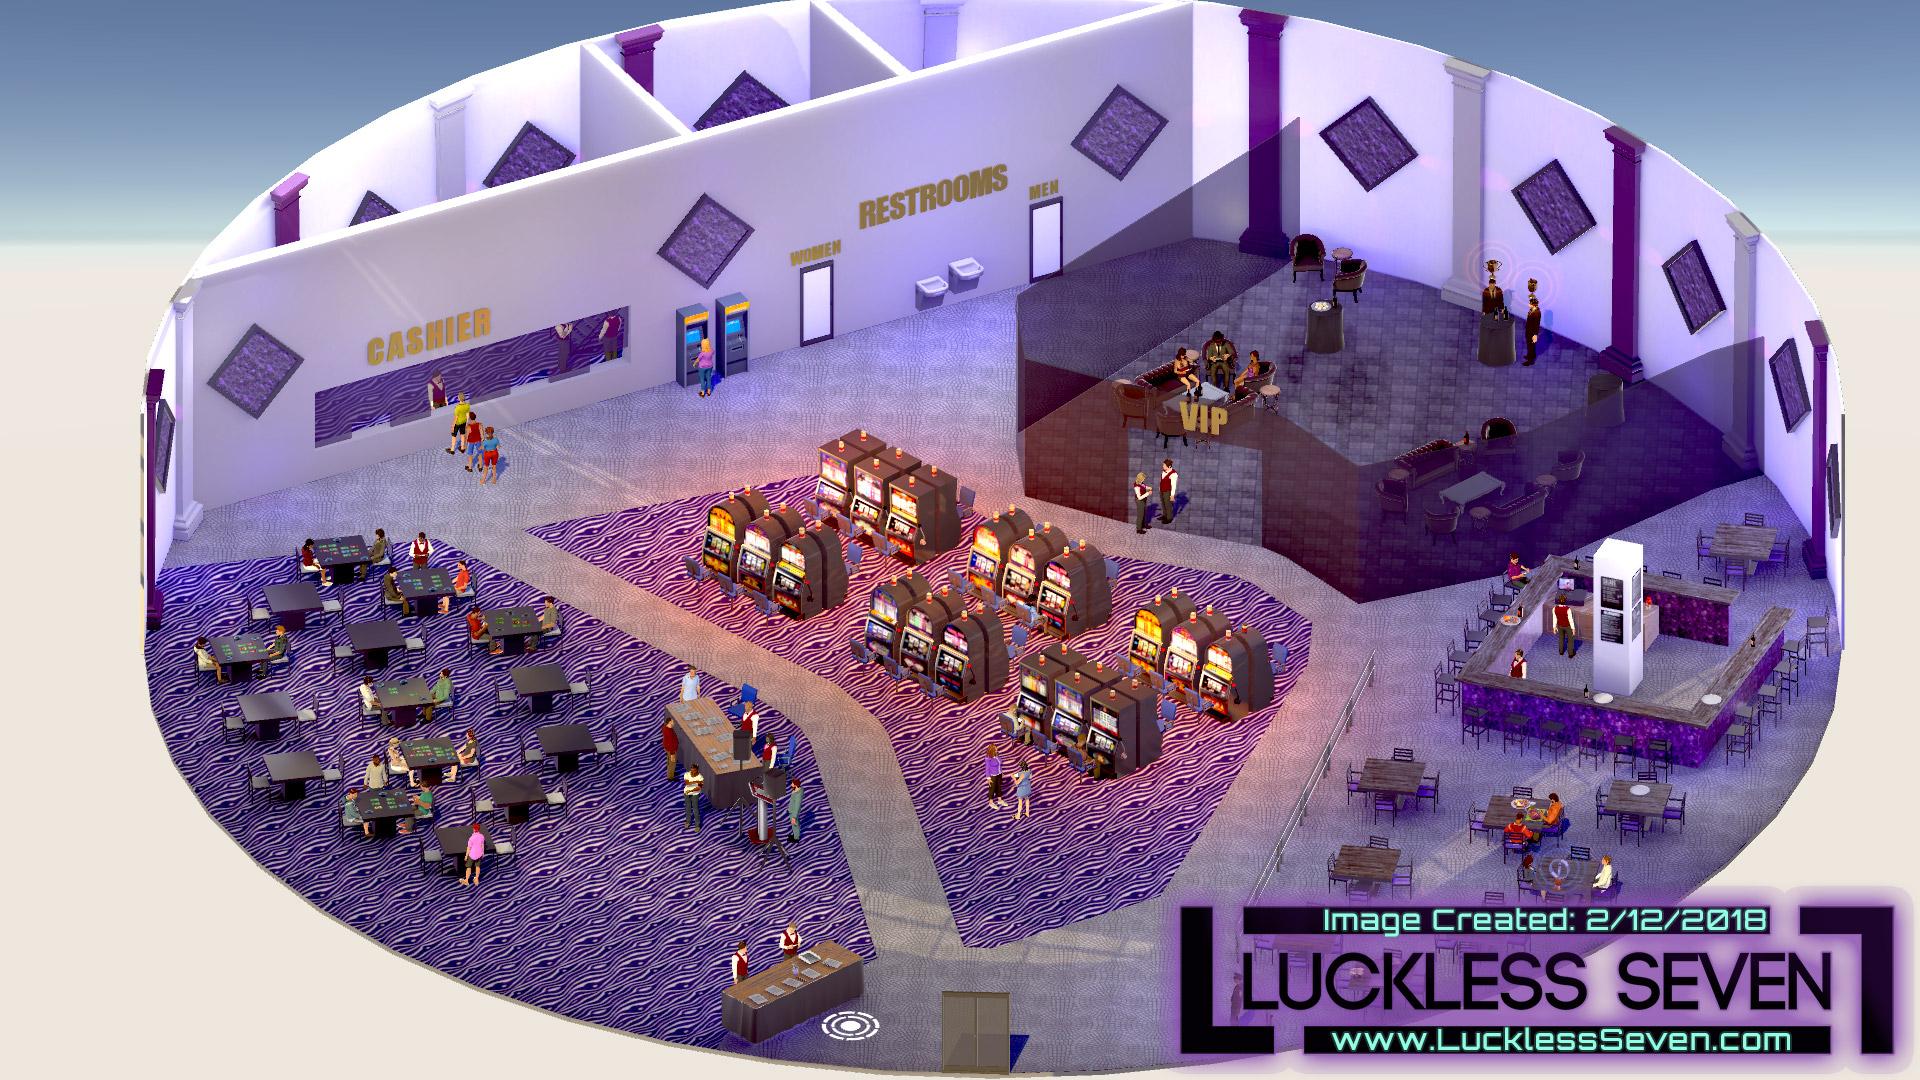 Luckless Seven Amethyst Casino I